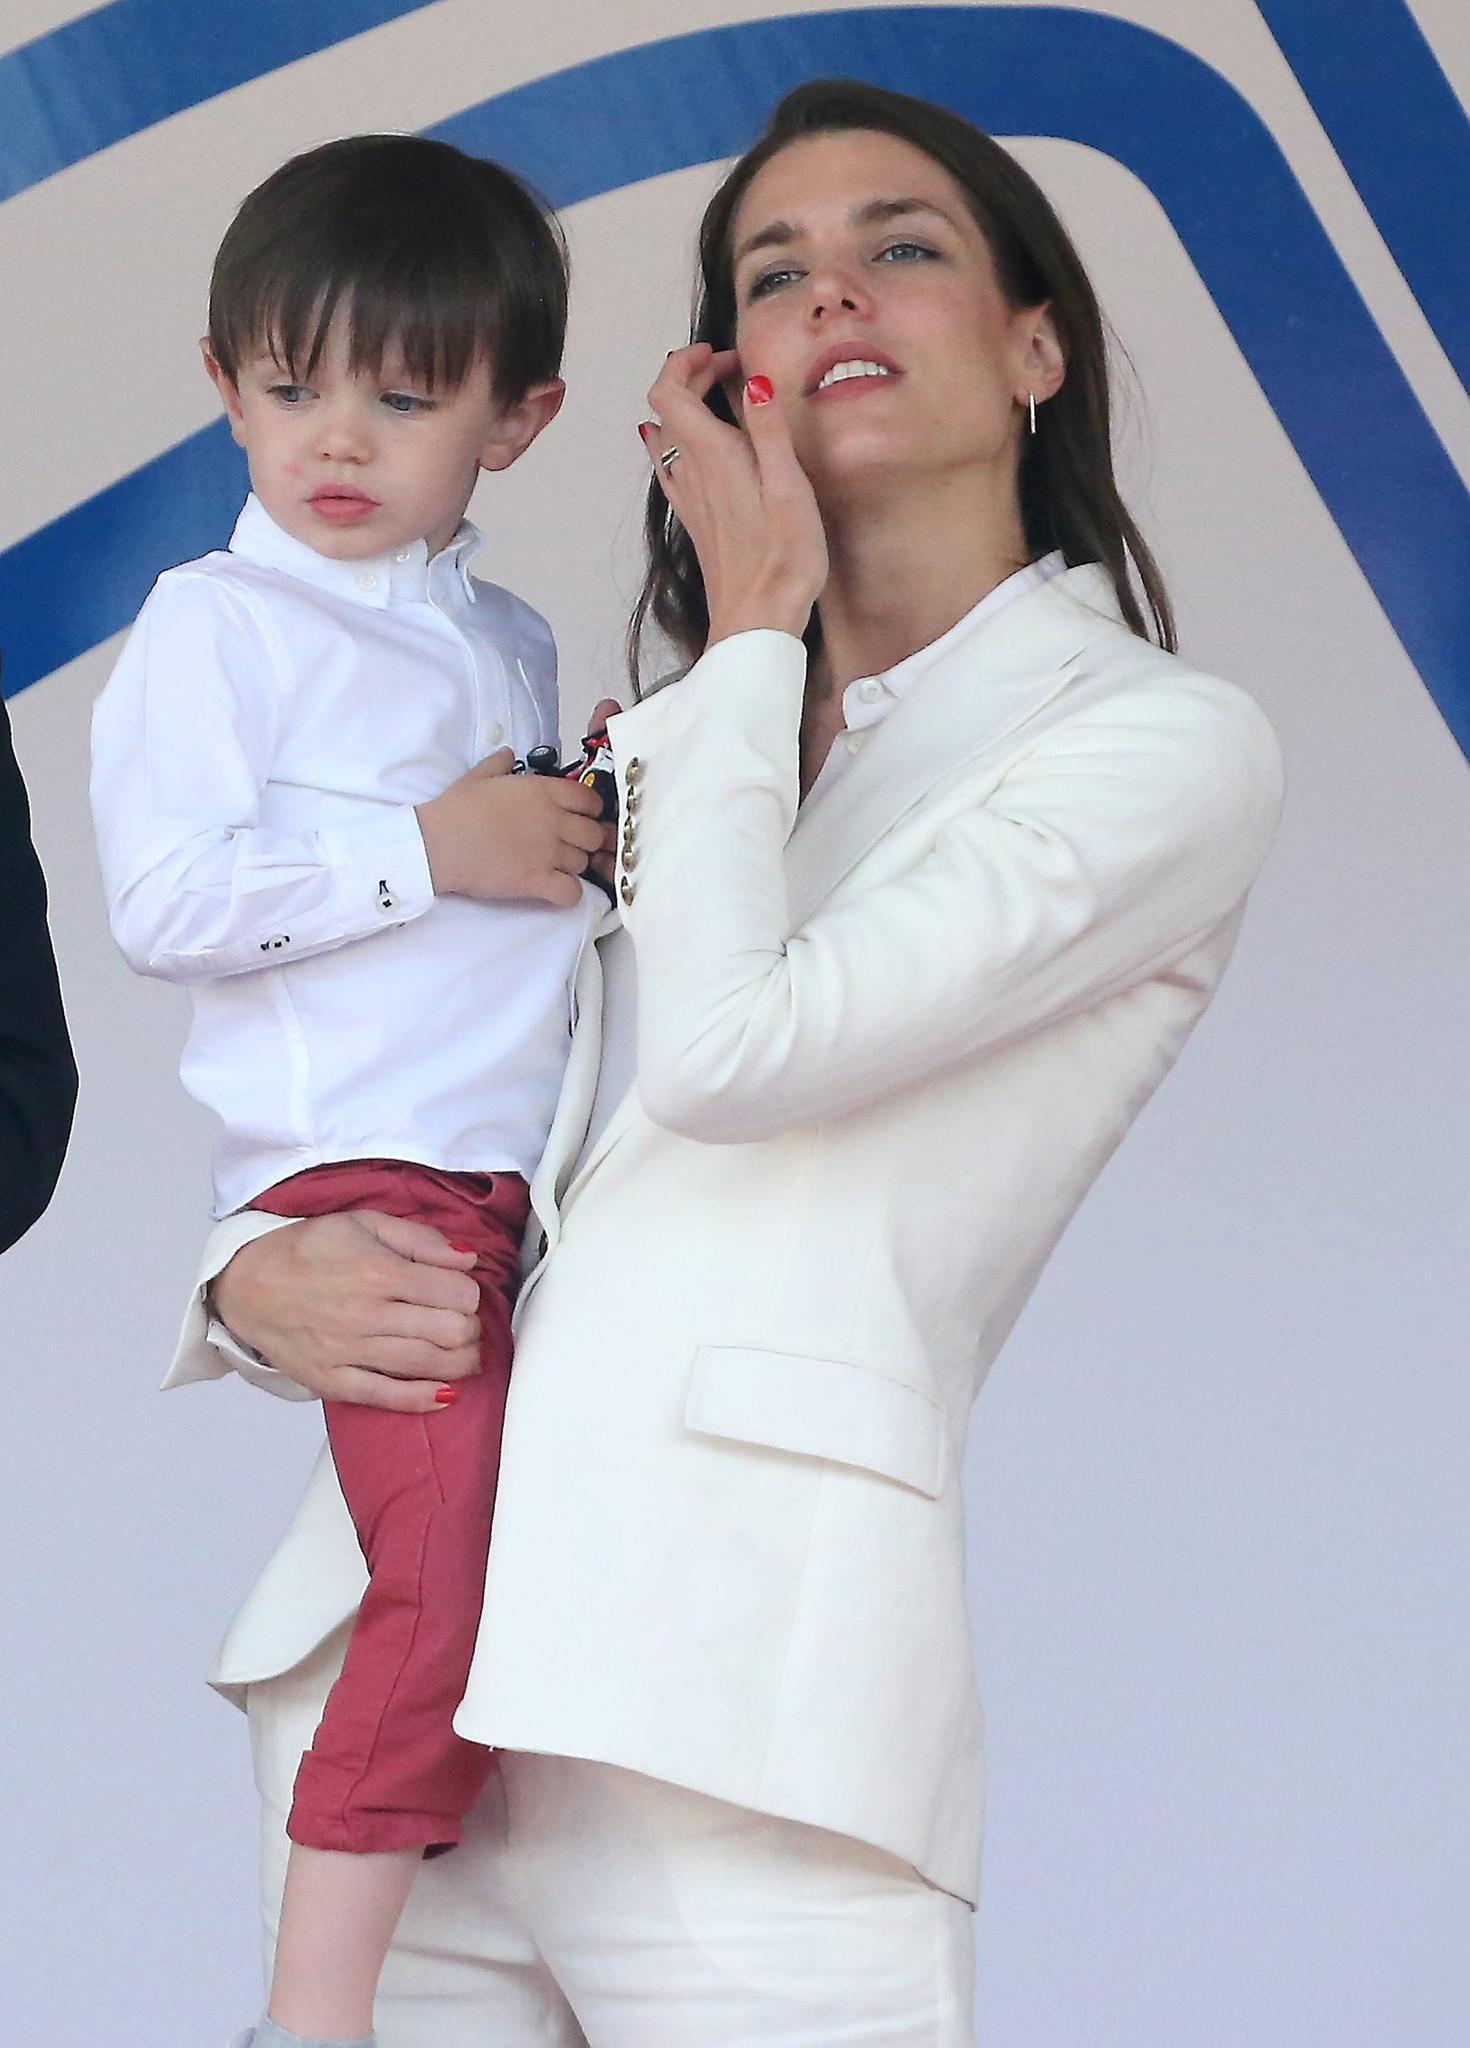 Charlotte Casiraghi: Seltener Auftritt Mit Sohn Raphael